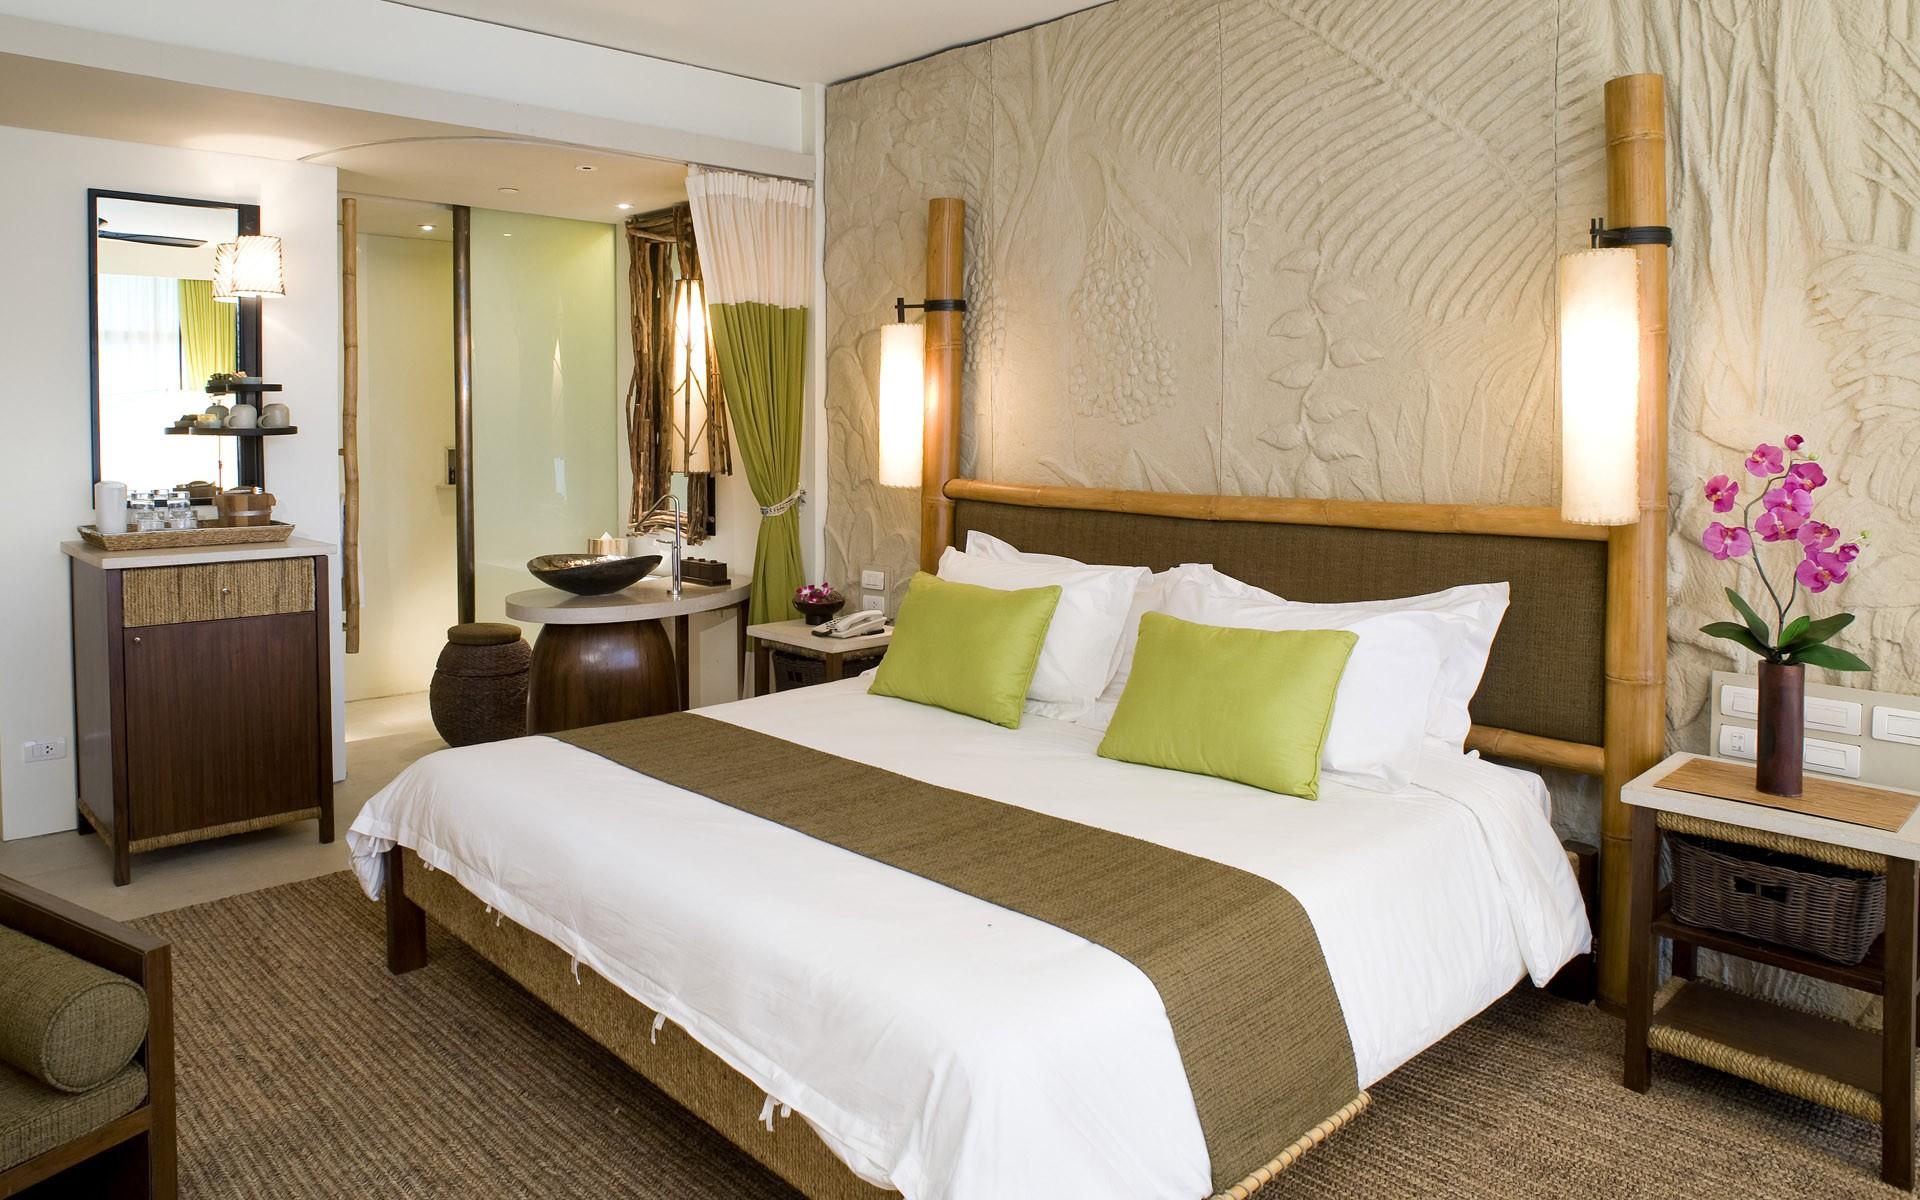 Deco Chambre A Coucher chambre a coucher deco zen - chambre : idées de décoration